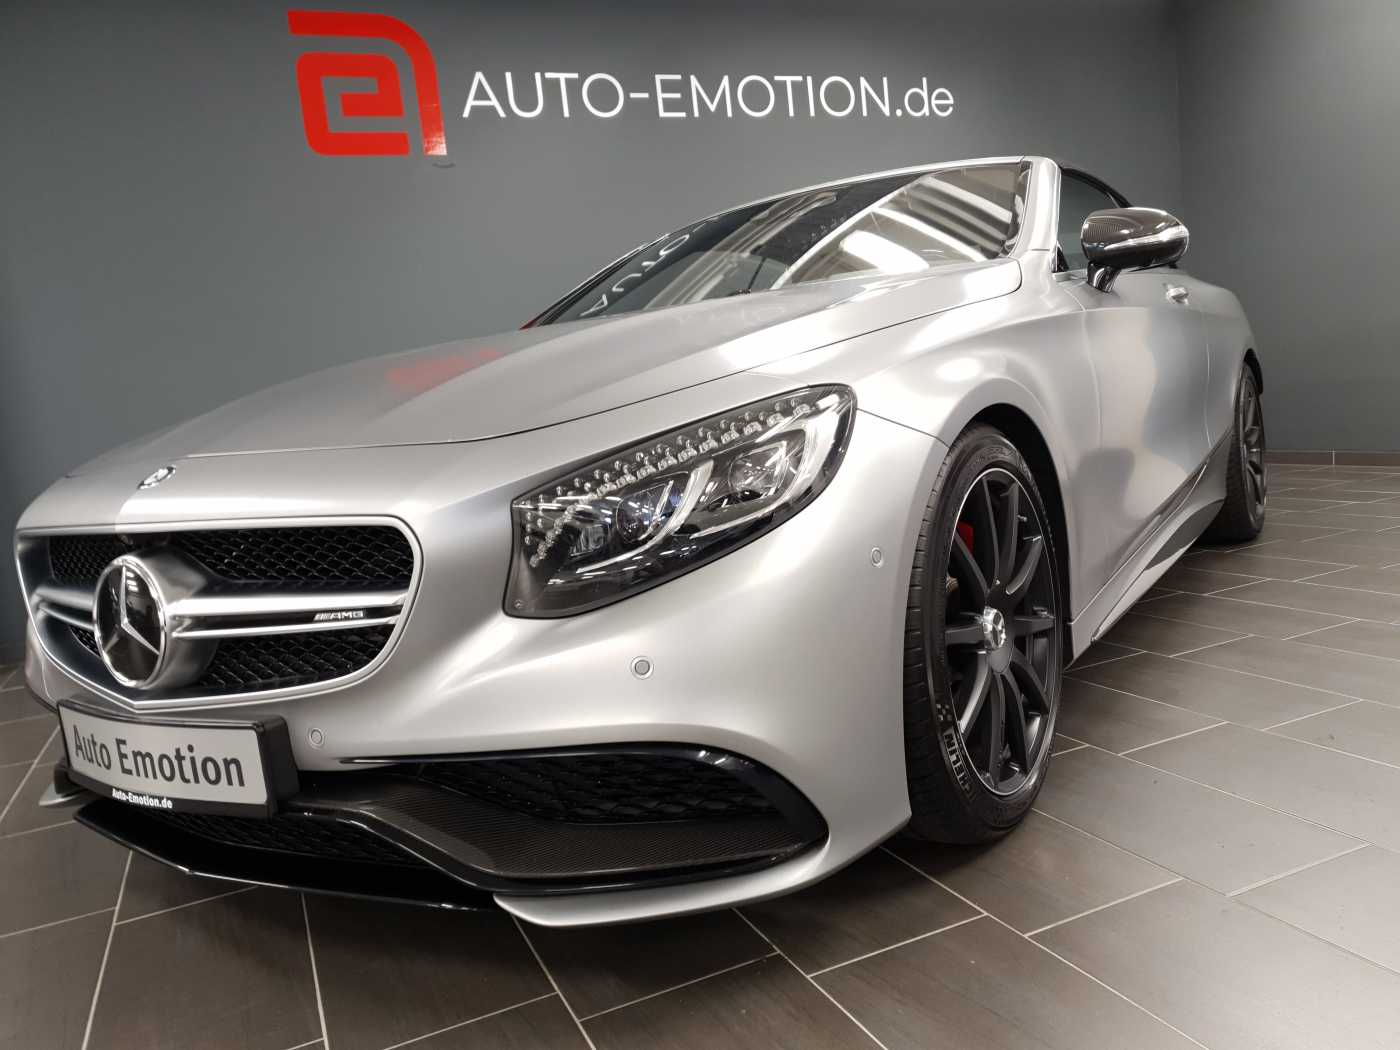 Mercedes-Benz AMG S 63 Cabrio 4Matic AMG Speedshift 7G-MCT MB Garantie*AMG DriverŽs*20'*u.v.m, Jahr 2016, Benzin